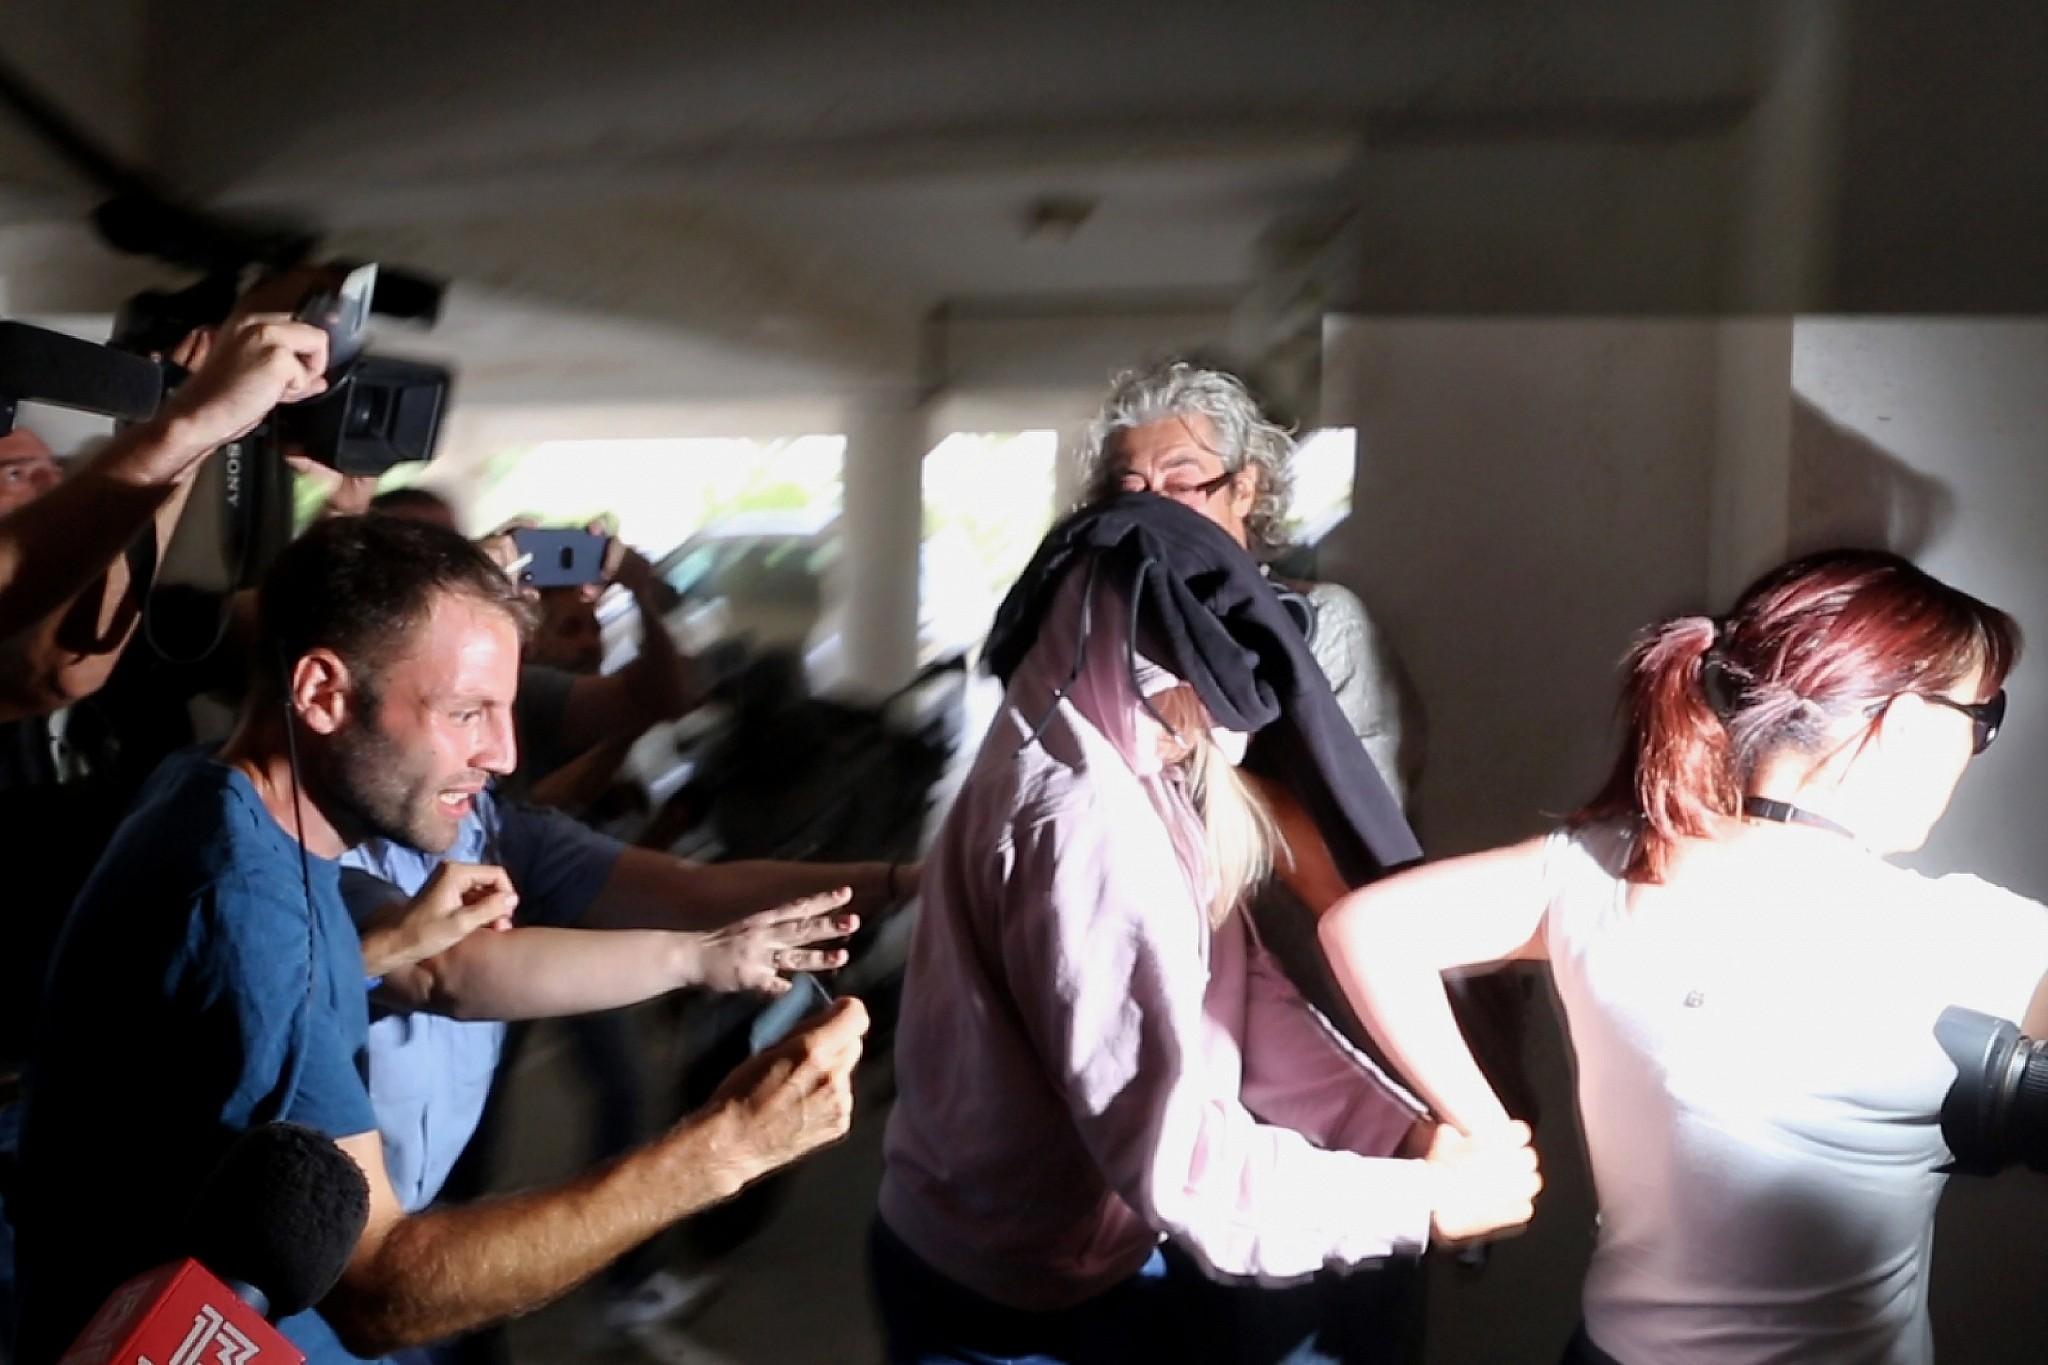 Photo of 19 წლის გოგოს, რომელიც 12 ბიჭს გაუპატიურებაში ადანაშაულებდა, პატიმრობა ემუქრება